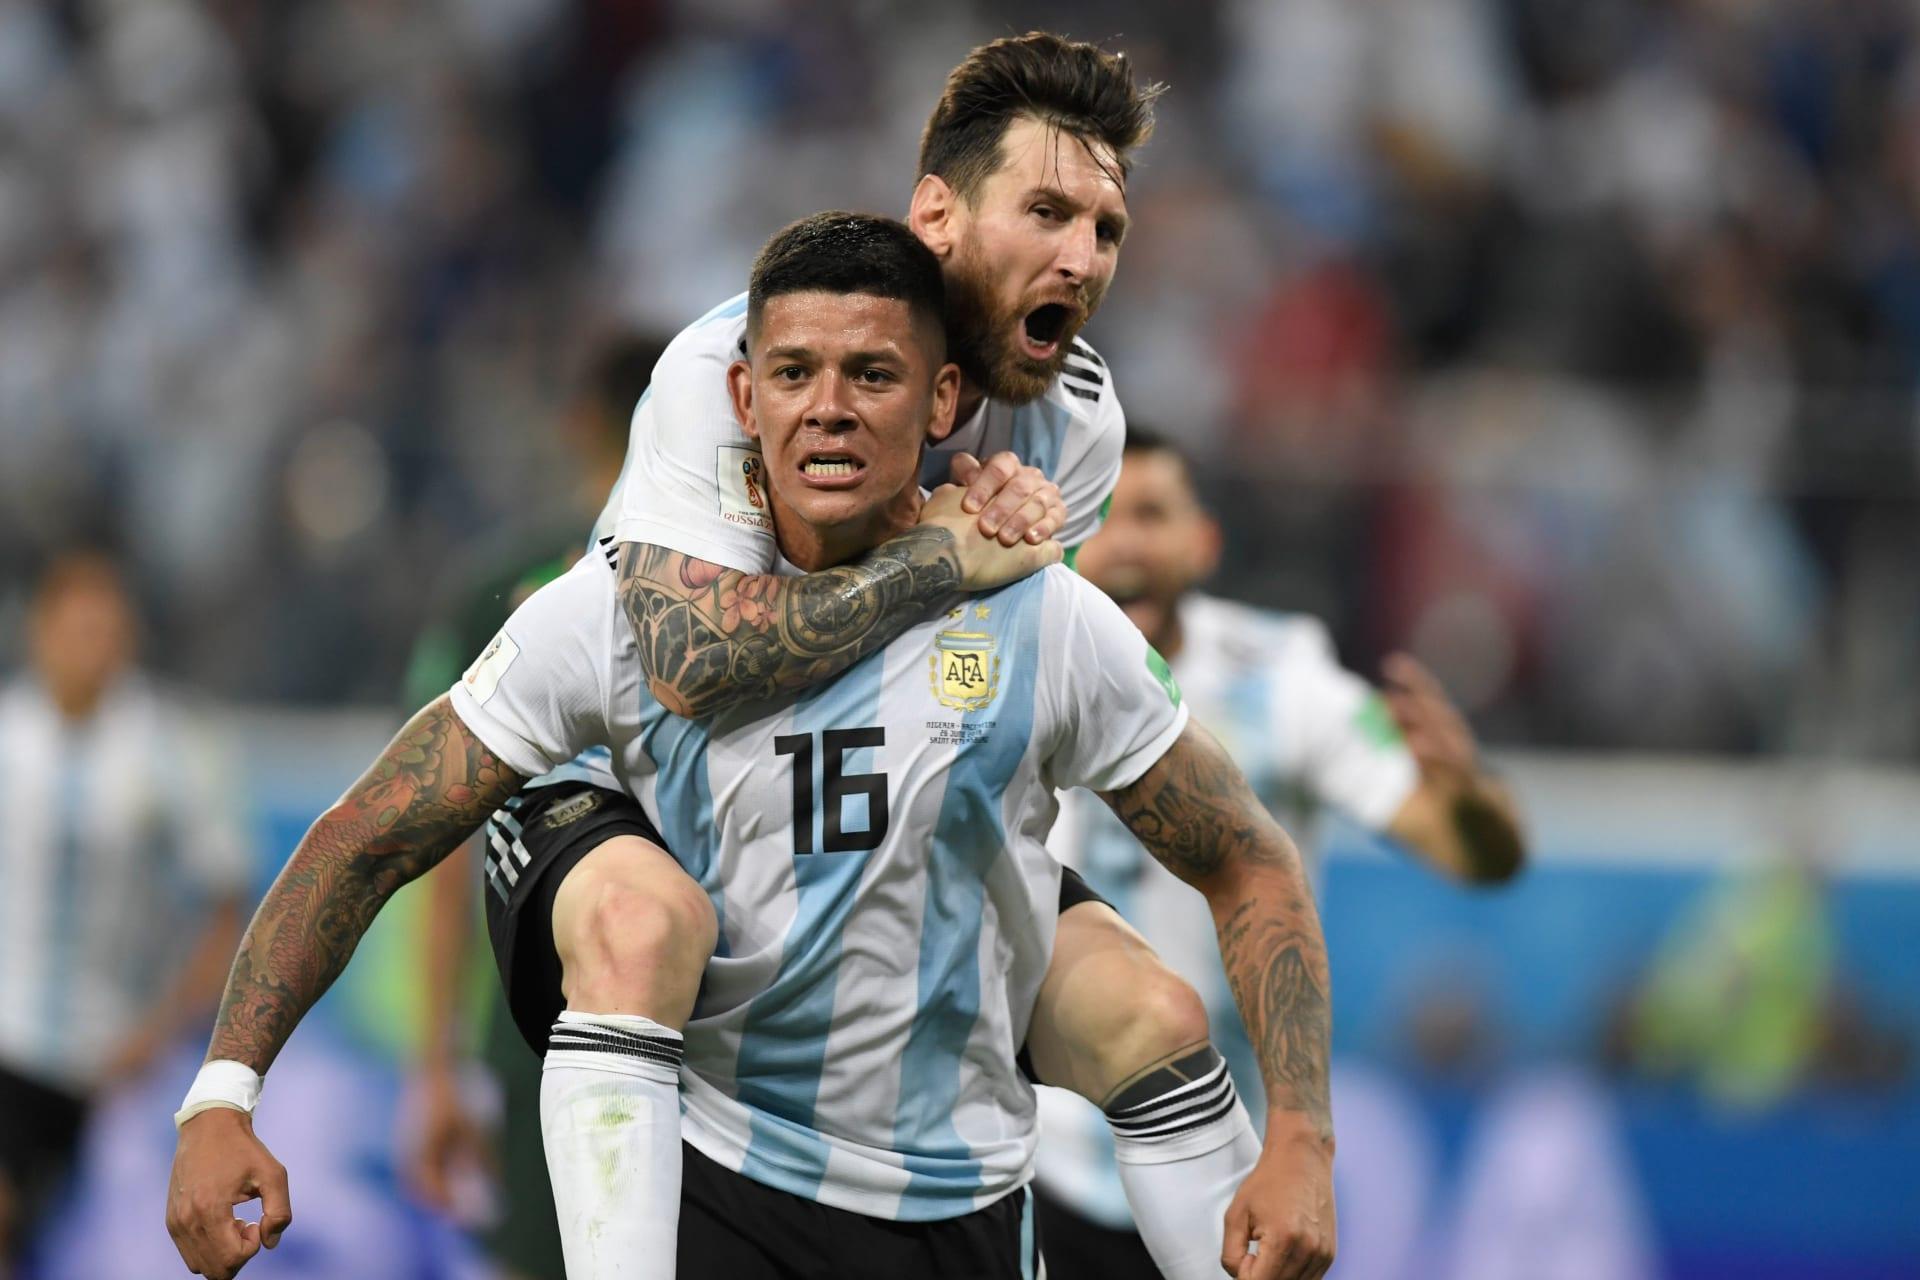 روخو يُحيي الأرجنتين ويعبر بها لدور الـ16 لتضرب موعدا مع فرنسا